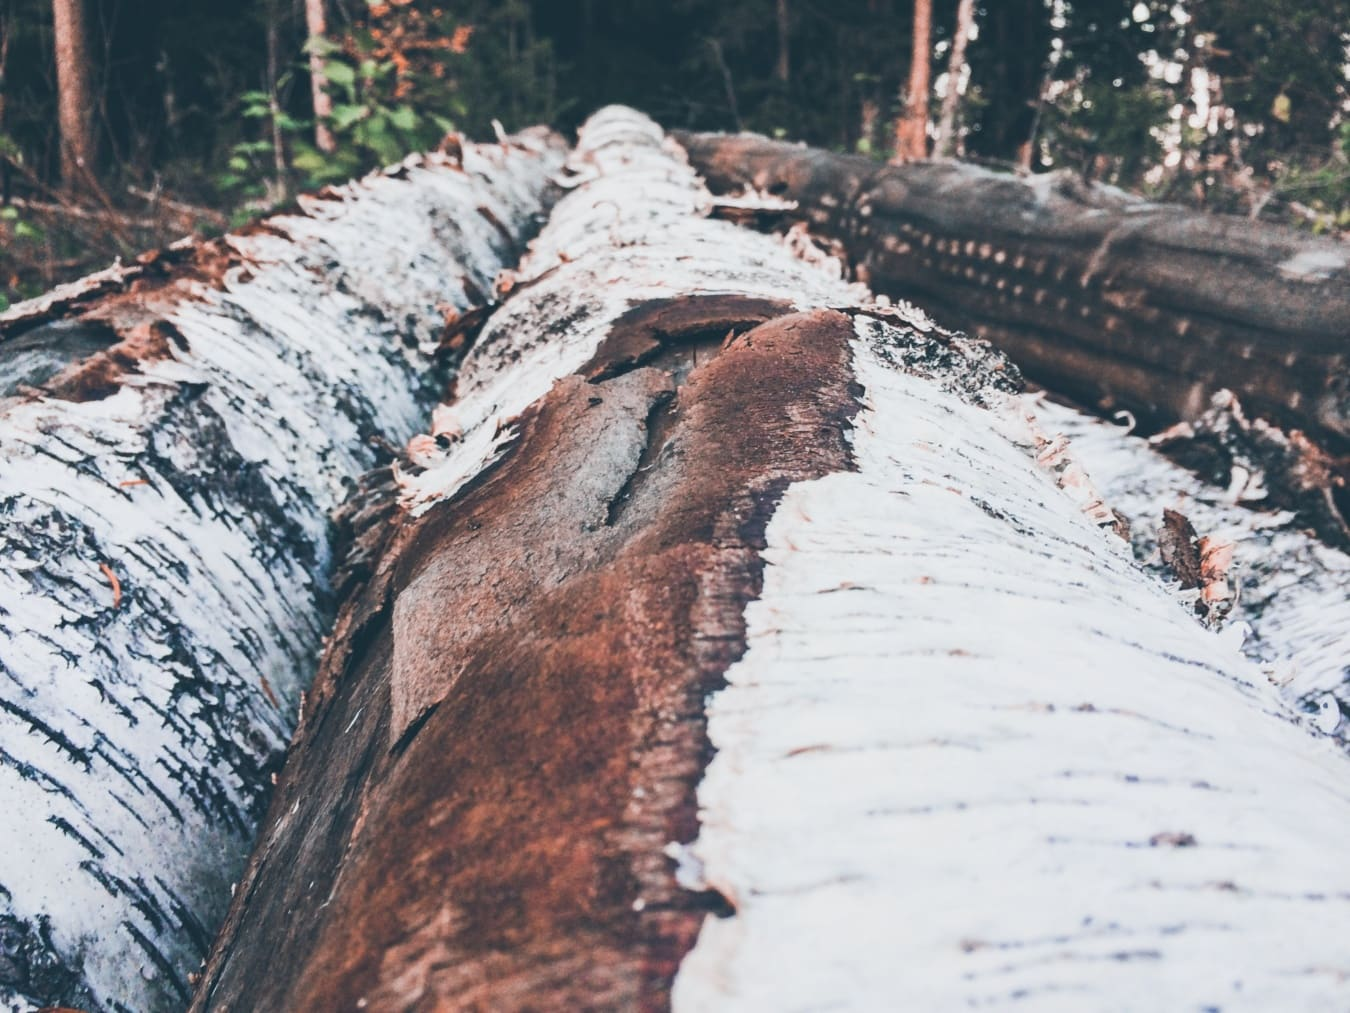 écorce, cortex, fermer, arbres, paysage, nature, à l'extérieur, arbre, environnement, bois